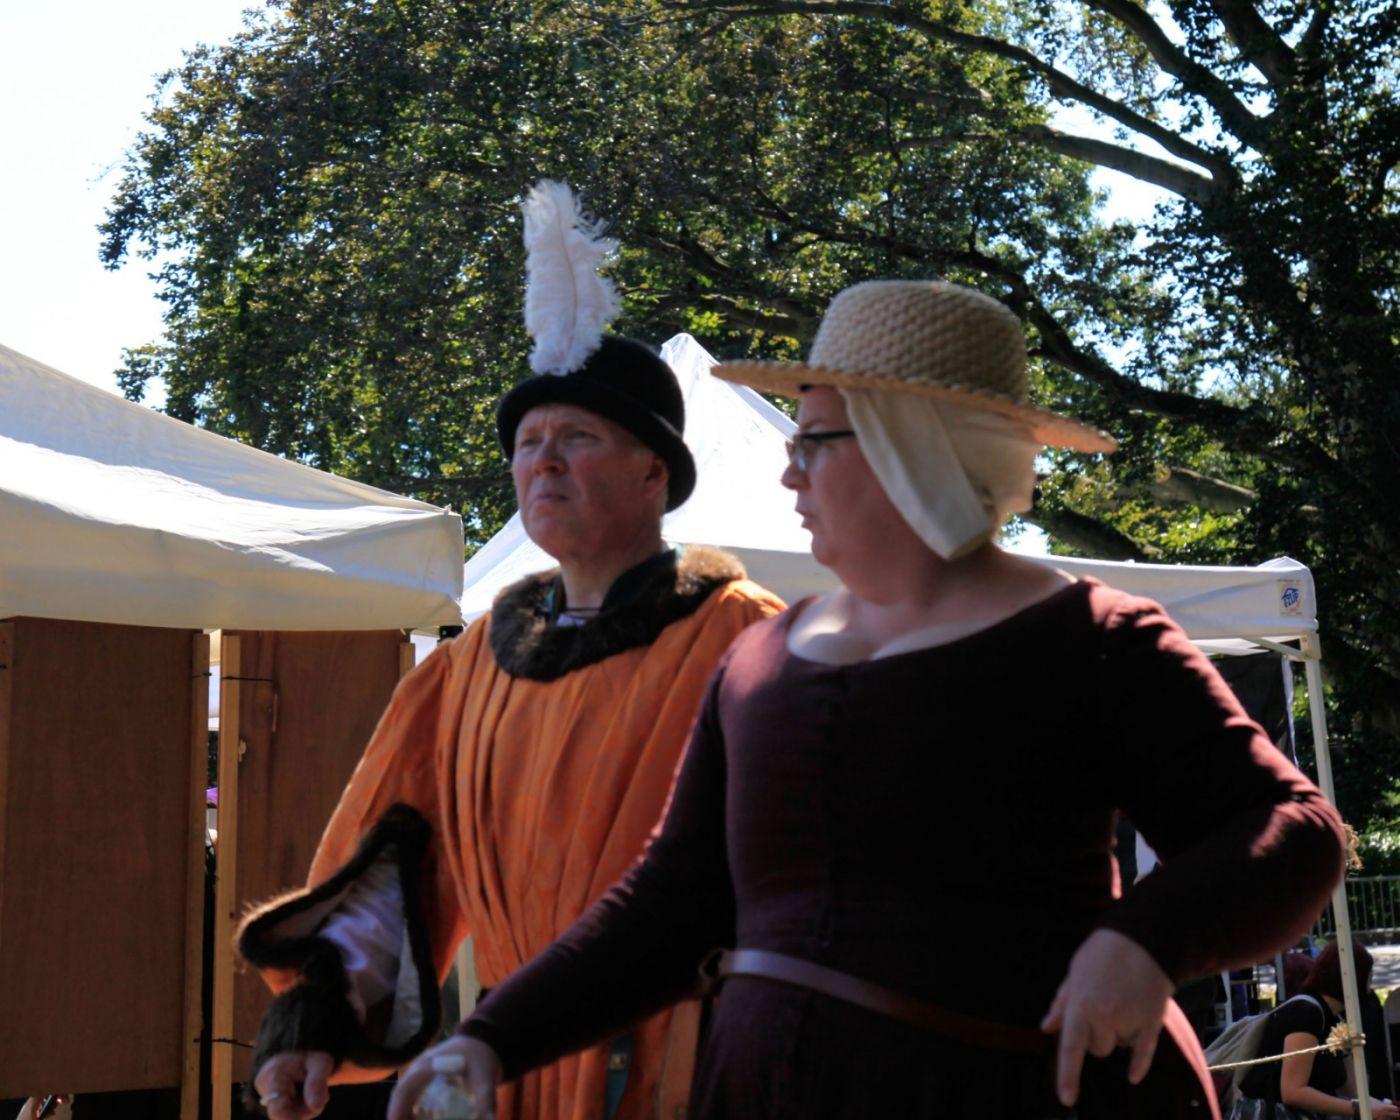 一年一度的崔恩堡公园中世纪节热闹非凡_图1-10